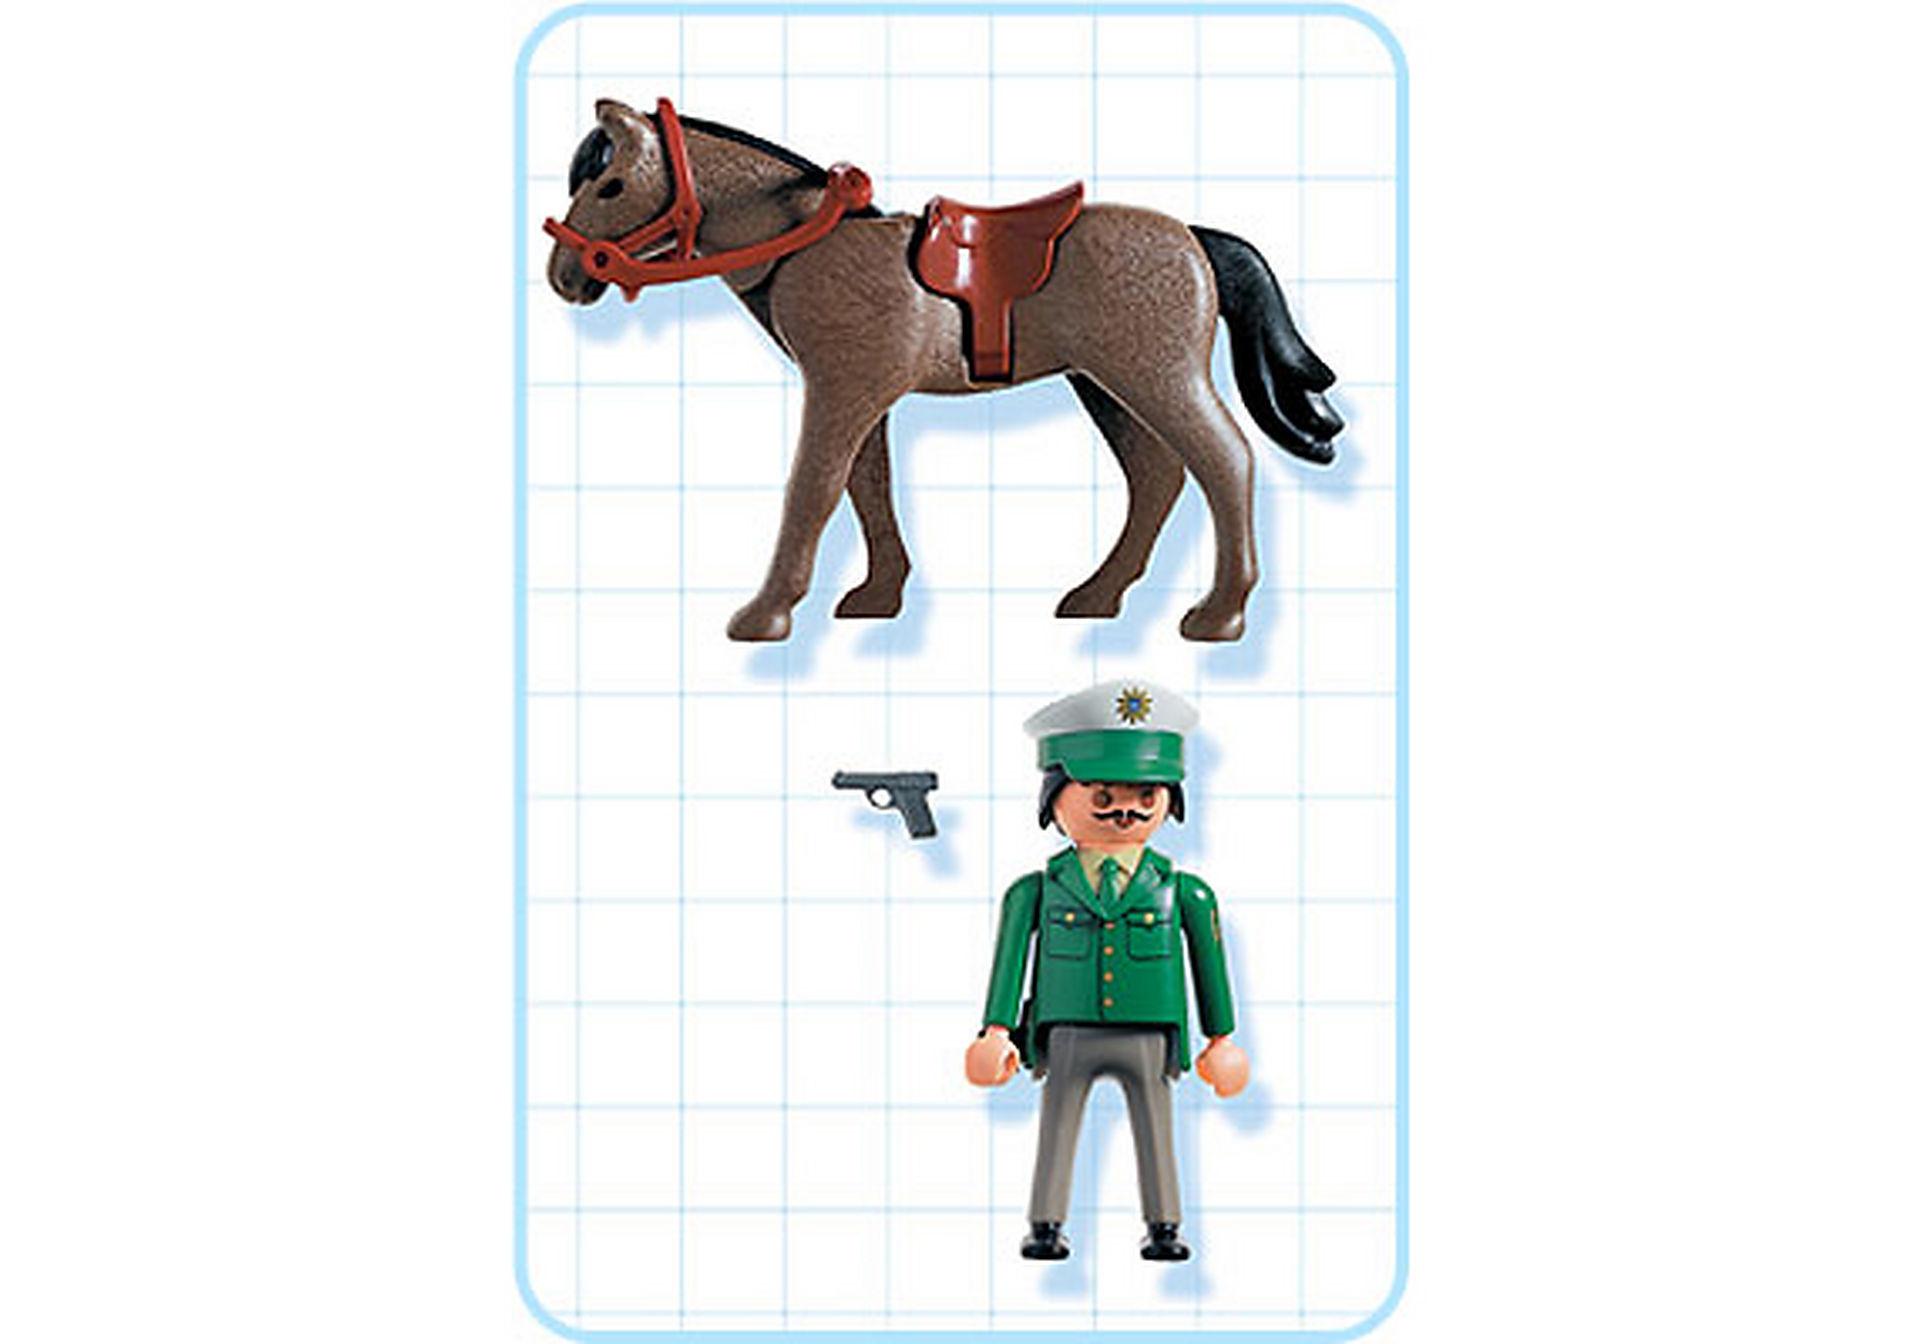 3163-A Polizist mit Pferd zoom image2